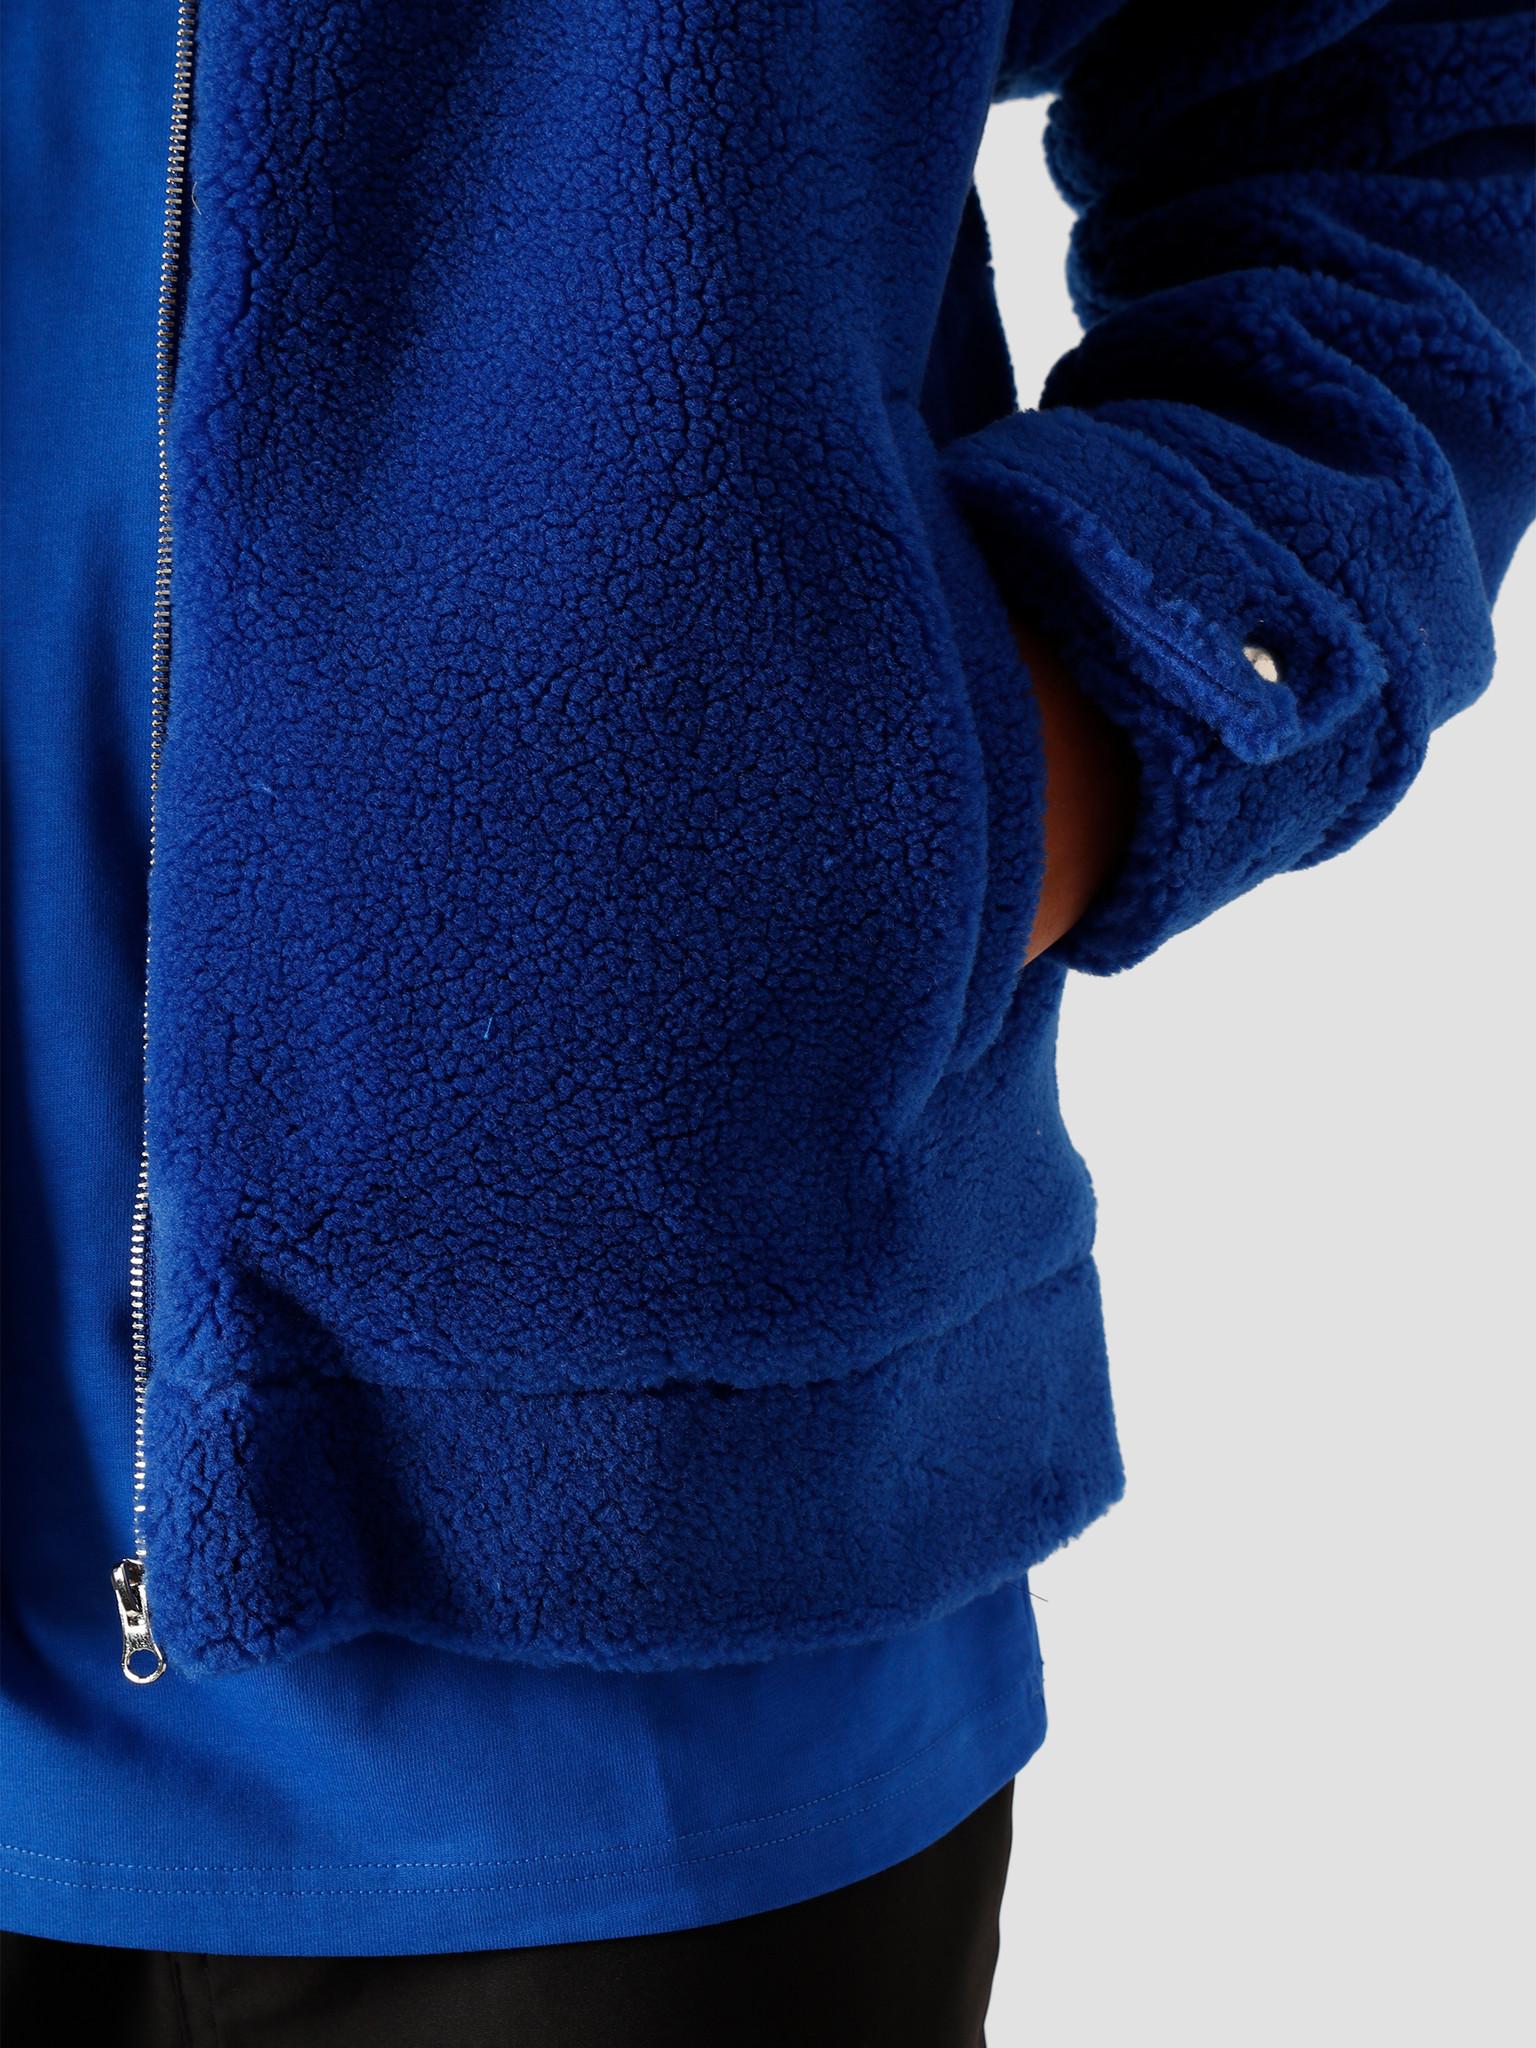 Arte Antwerp Arte Antwerp Jake Sherpa Jacket Jacket Royal Blue AW20-064J